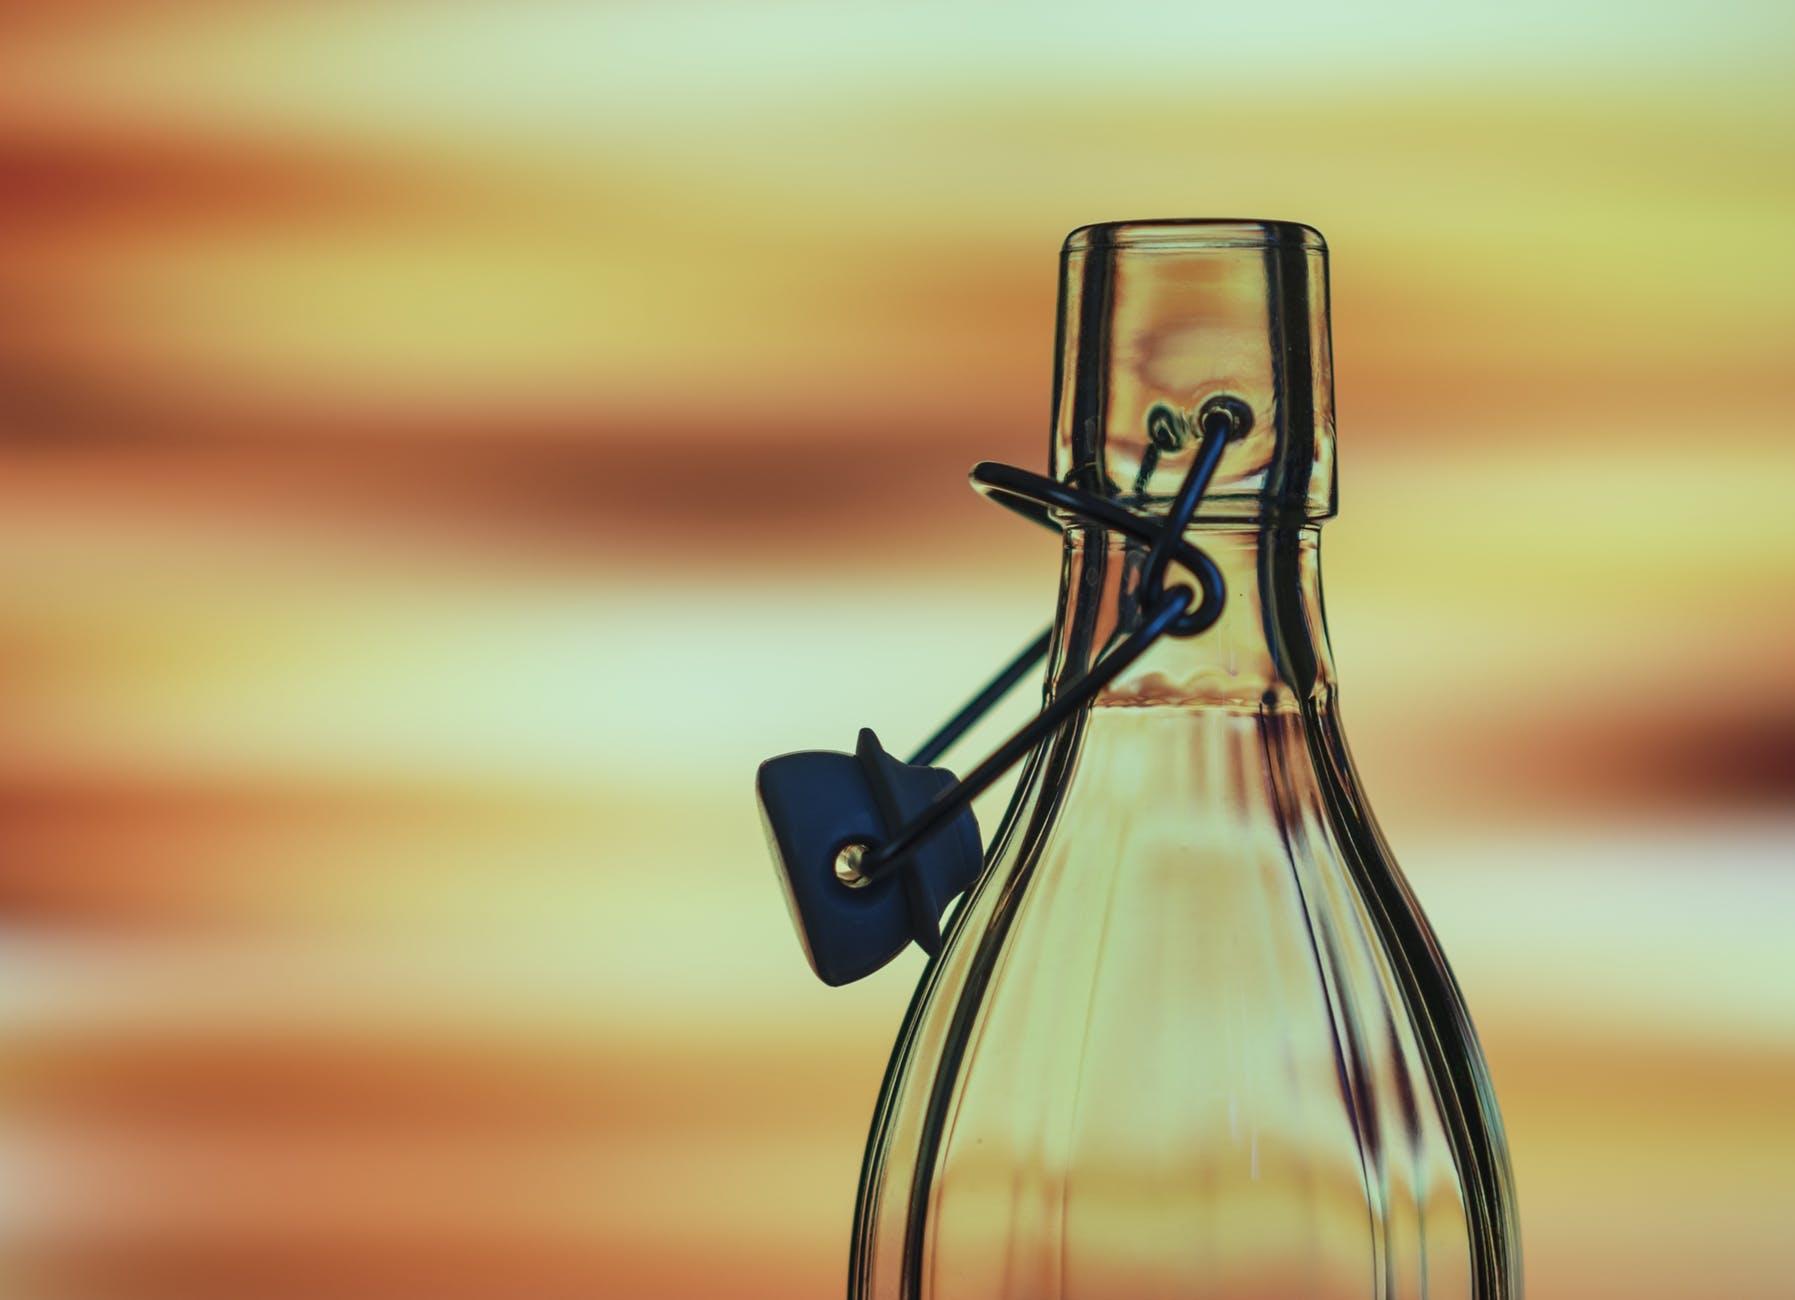 background blur bottle bright